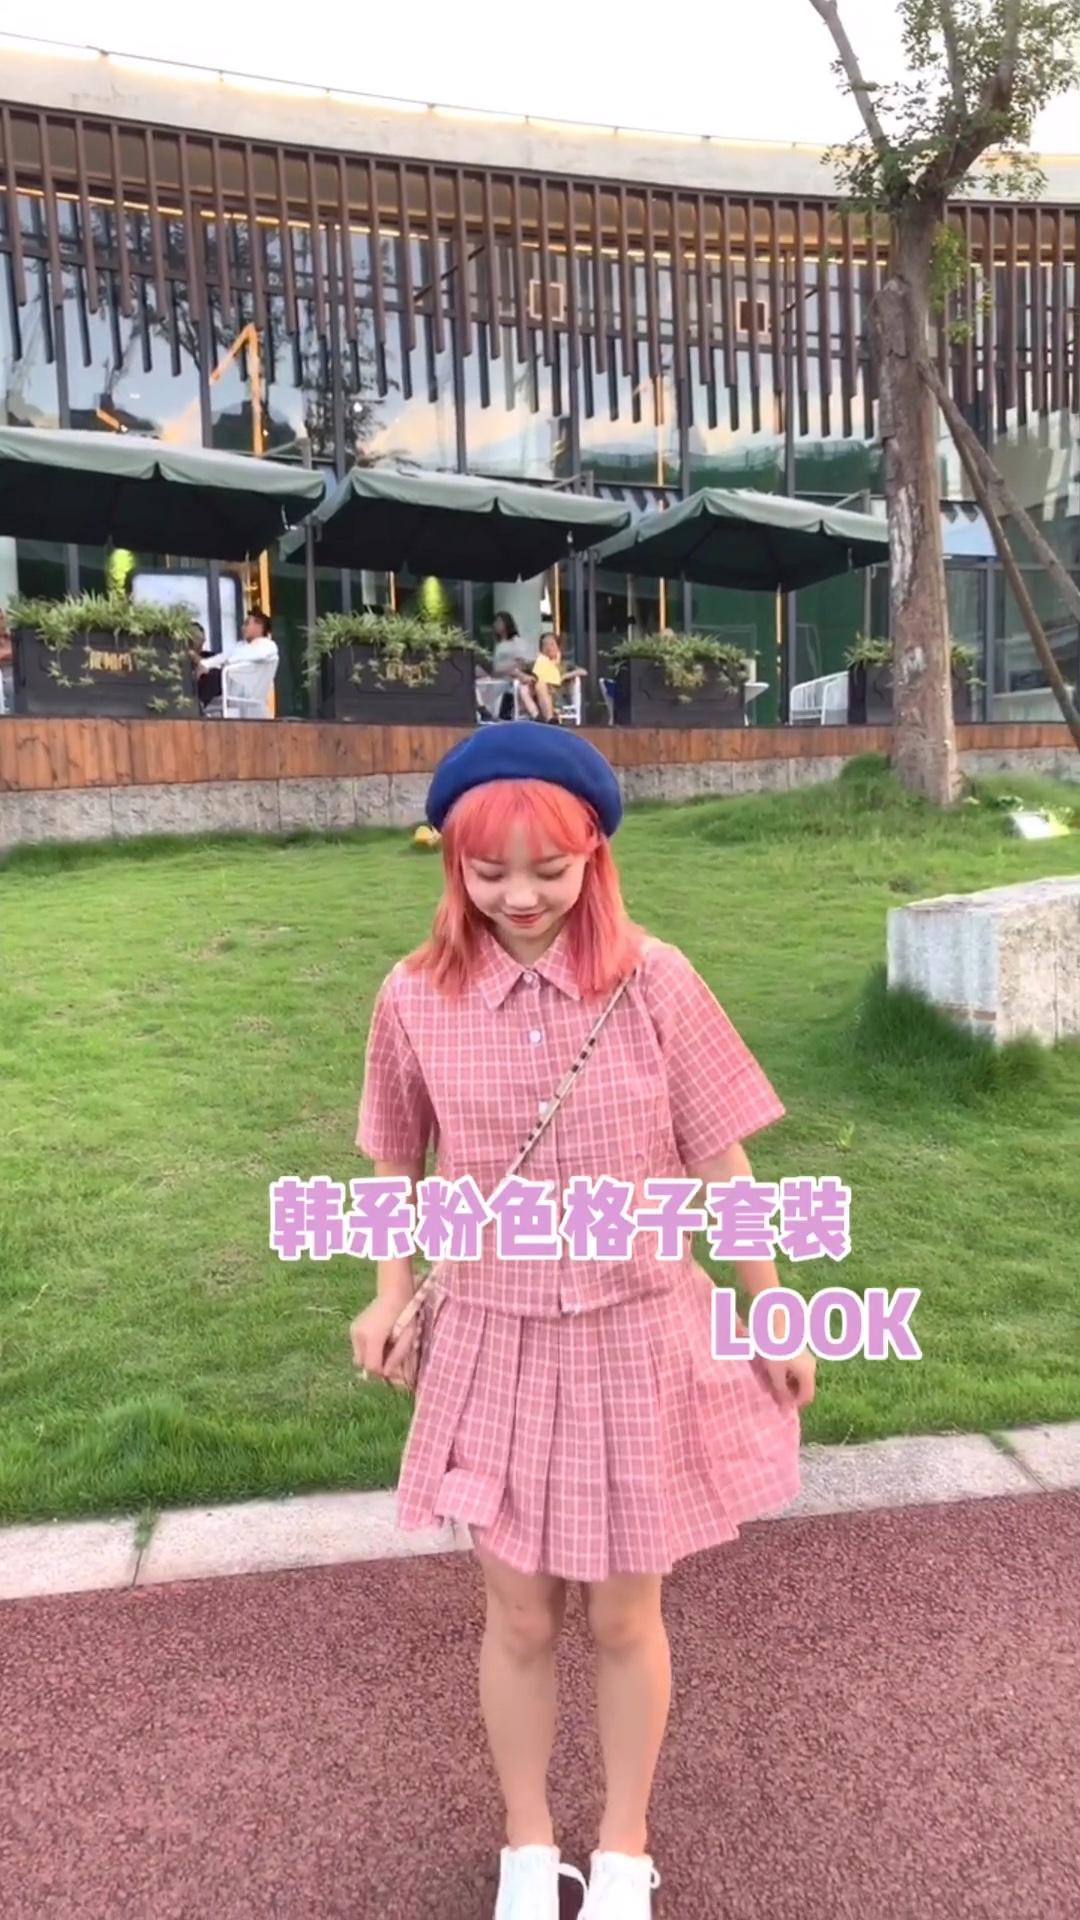 这套强烈推荐!必须安利的一个格子套装哦~樱花粉的色系也是真的太少女啦,元气满满~小短款的上衣剪裁,拉长整体的视觉效果,看起来腿更长哦!!#鬼马少女元气穿衣经#